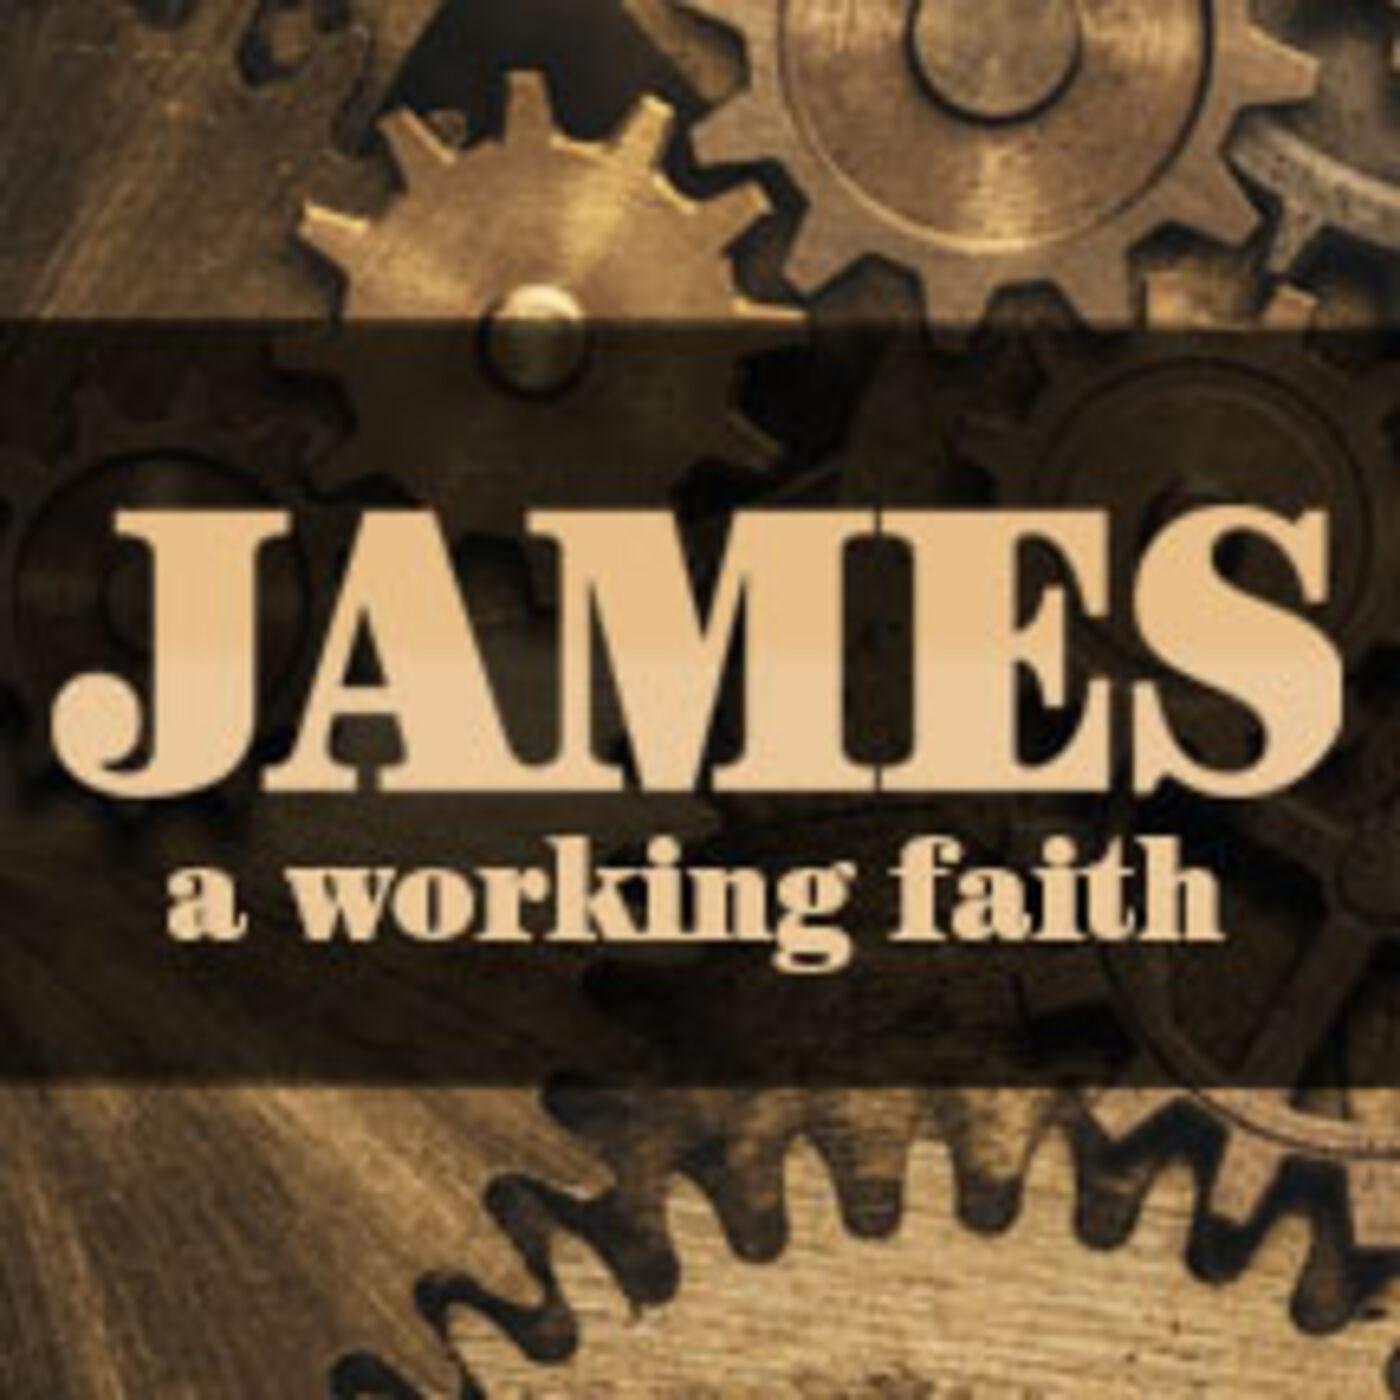 Nov. 15: Faith & Suffering, Pt. 1